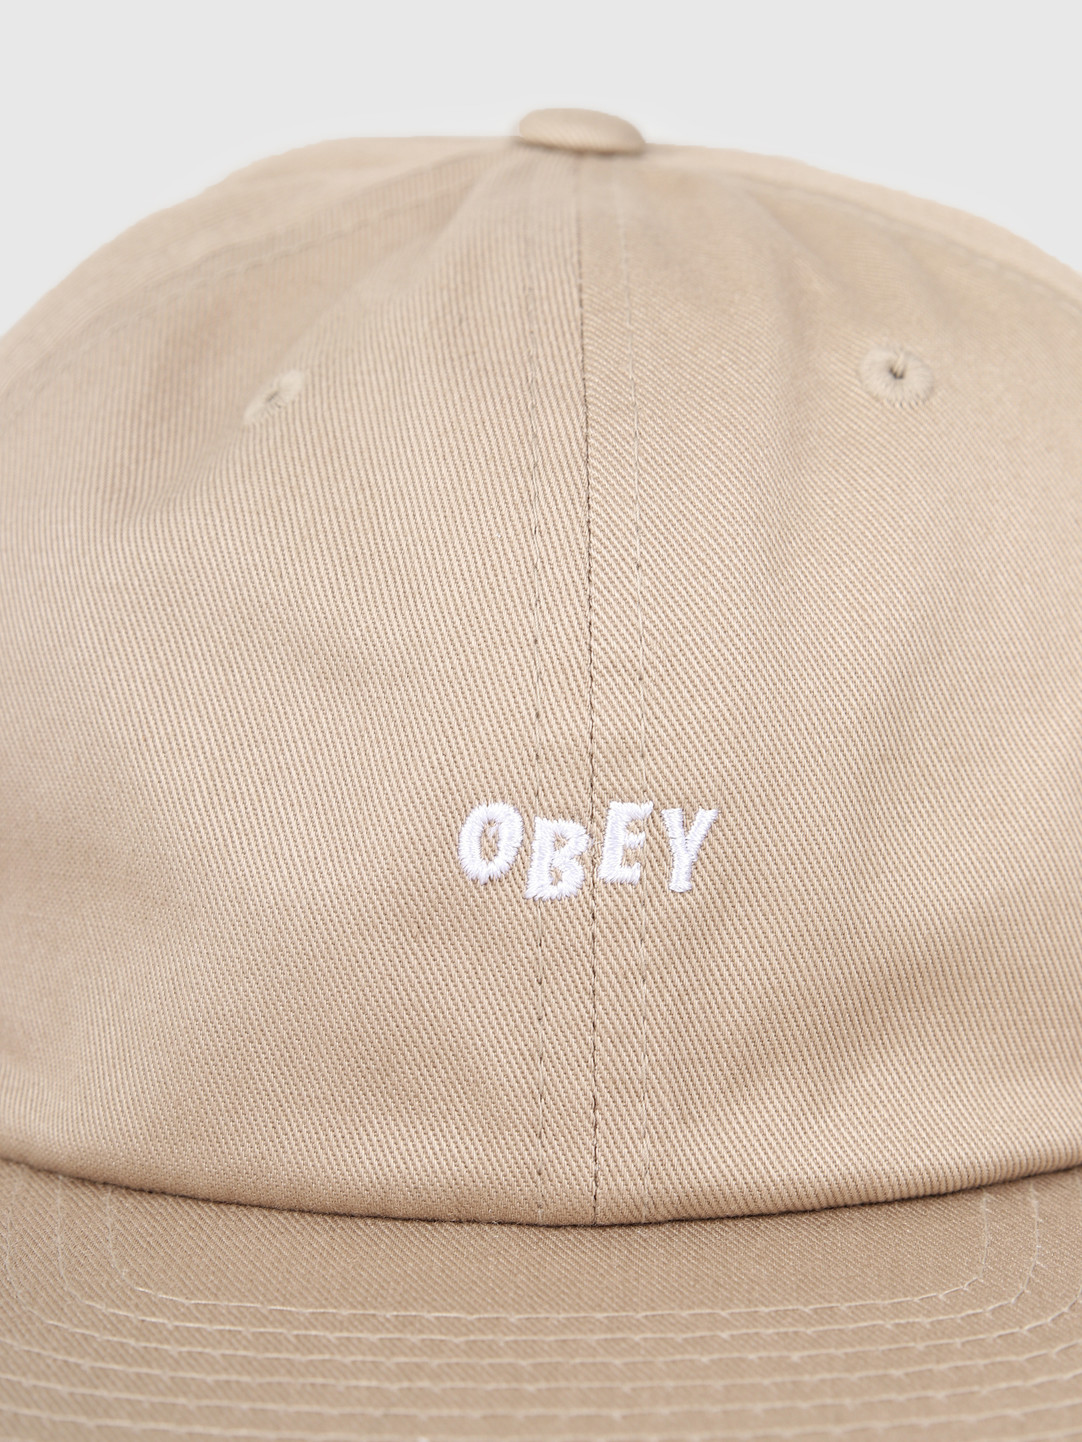 Obey Obey Jumbled 6 Panel Strapback Khaki 100580200-KHA